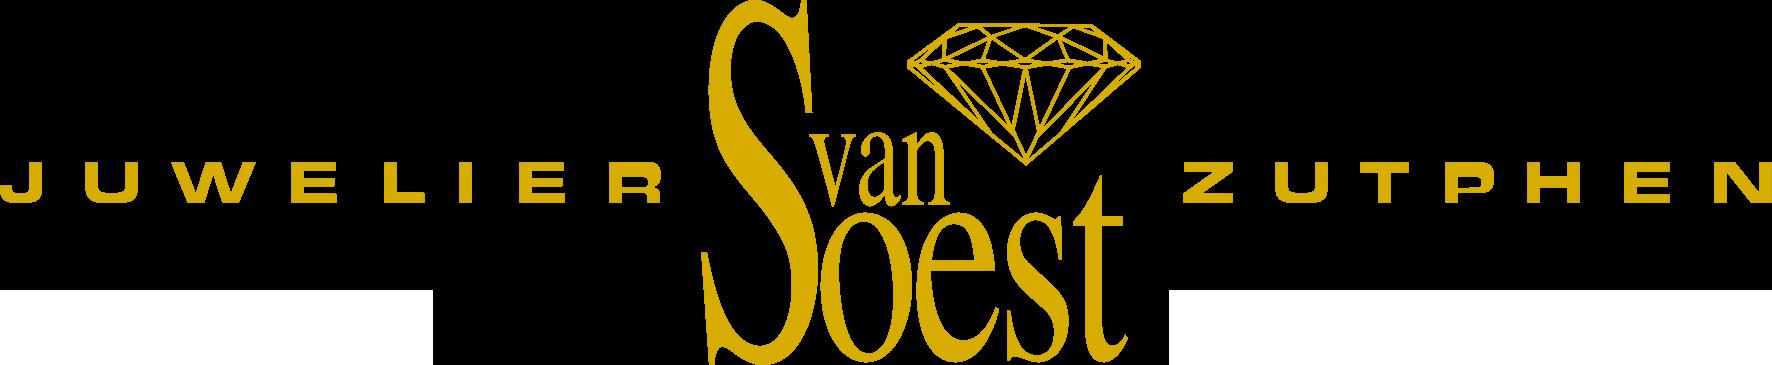 Juwelier van Soest